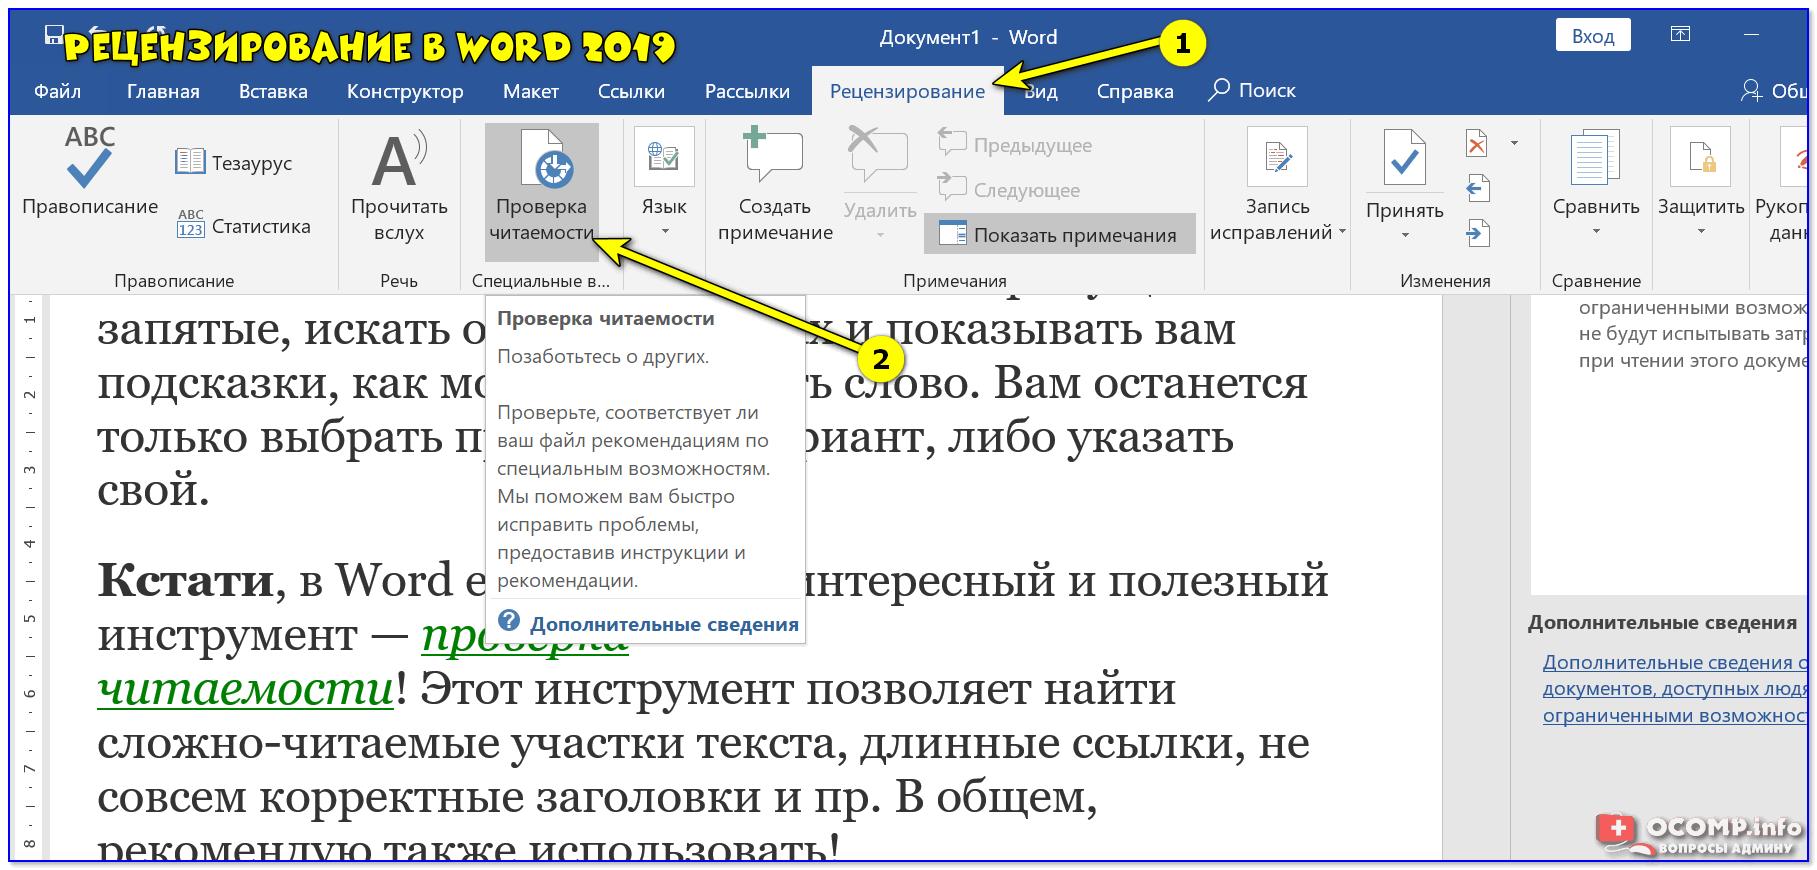 Рецензирование в word 2019 — проверка читаемости